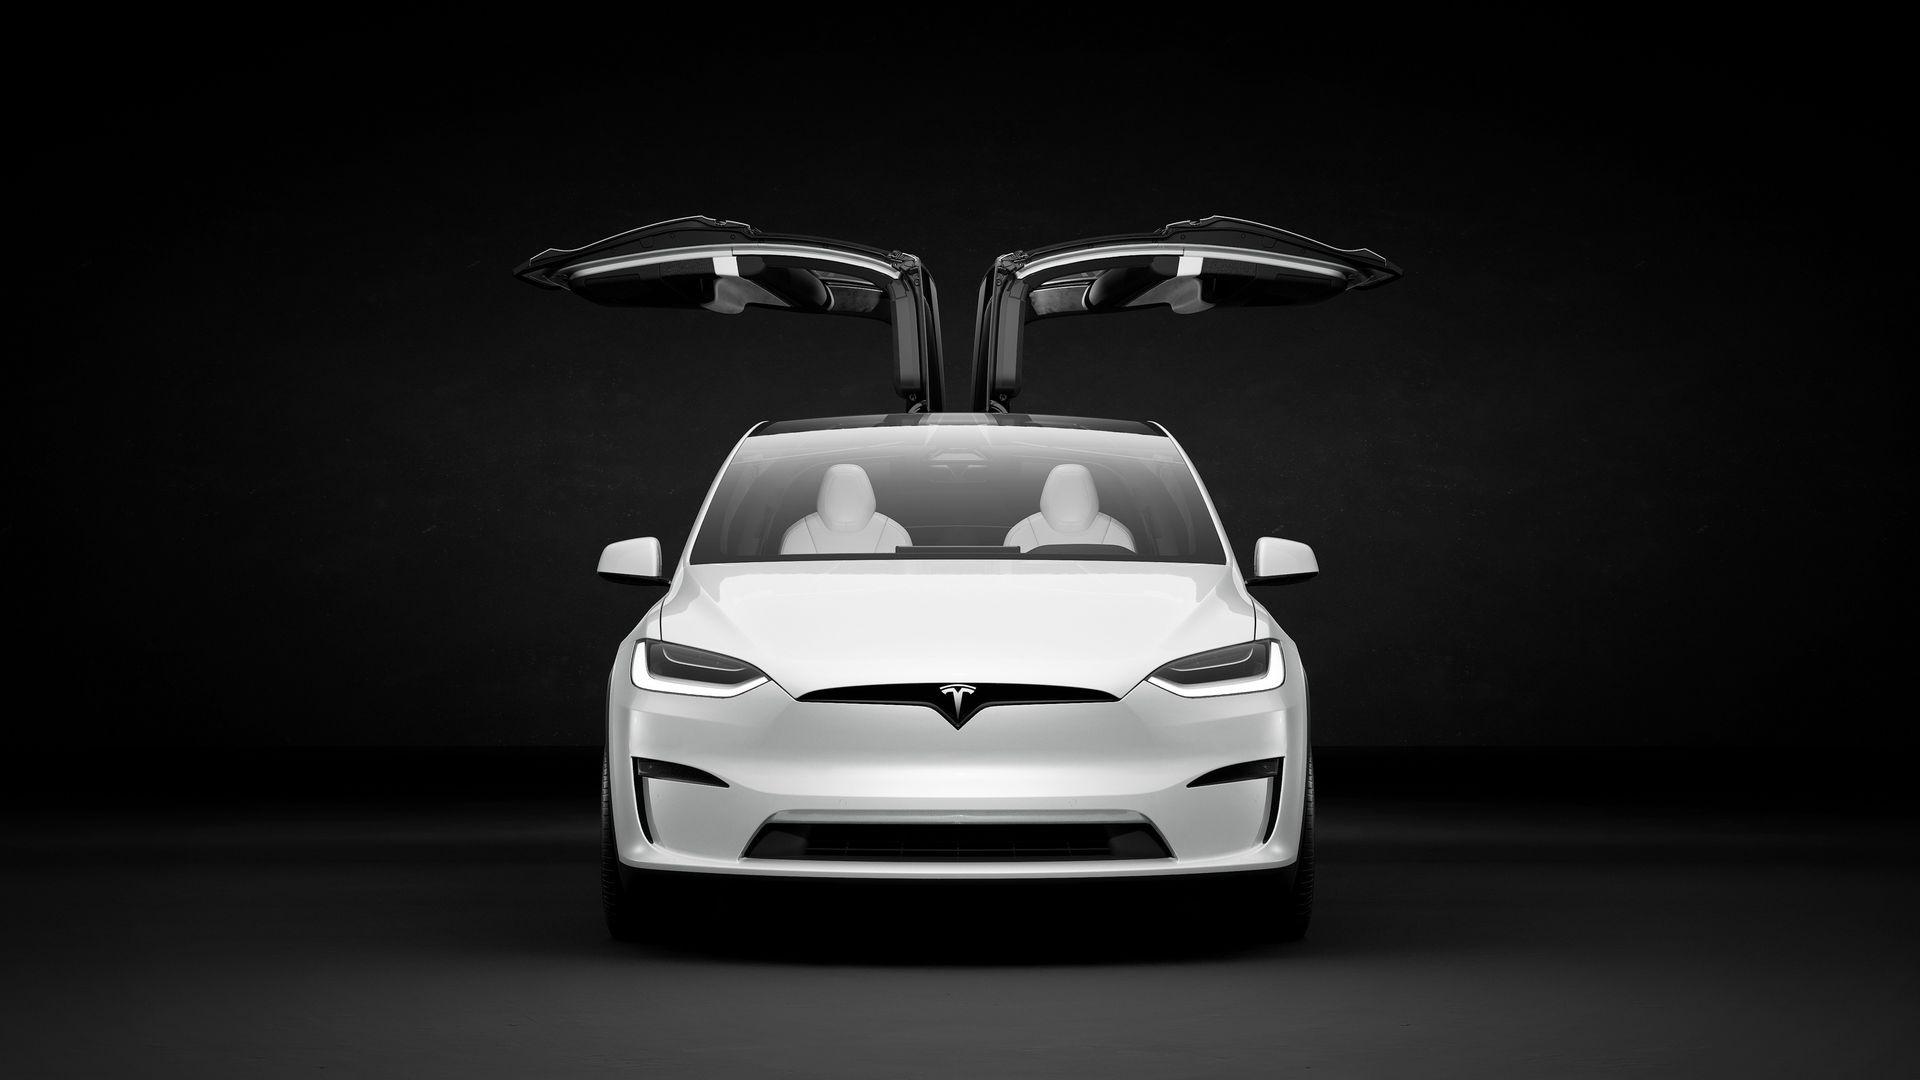 Όλα όσα πρέπει να ξέρετε για την αγορά ενός ηλεκτρικού αυτοκινήτου της Tesla (pics)